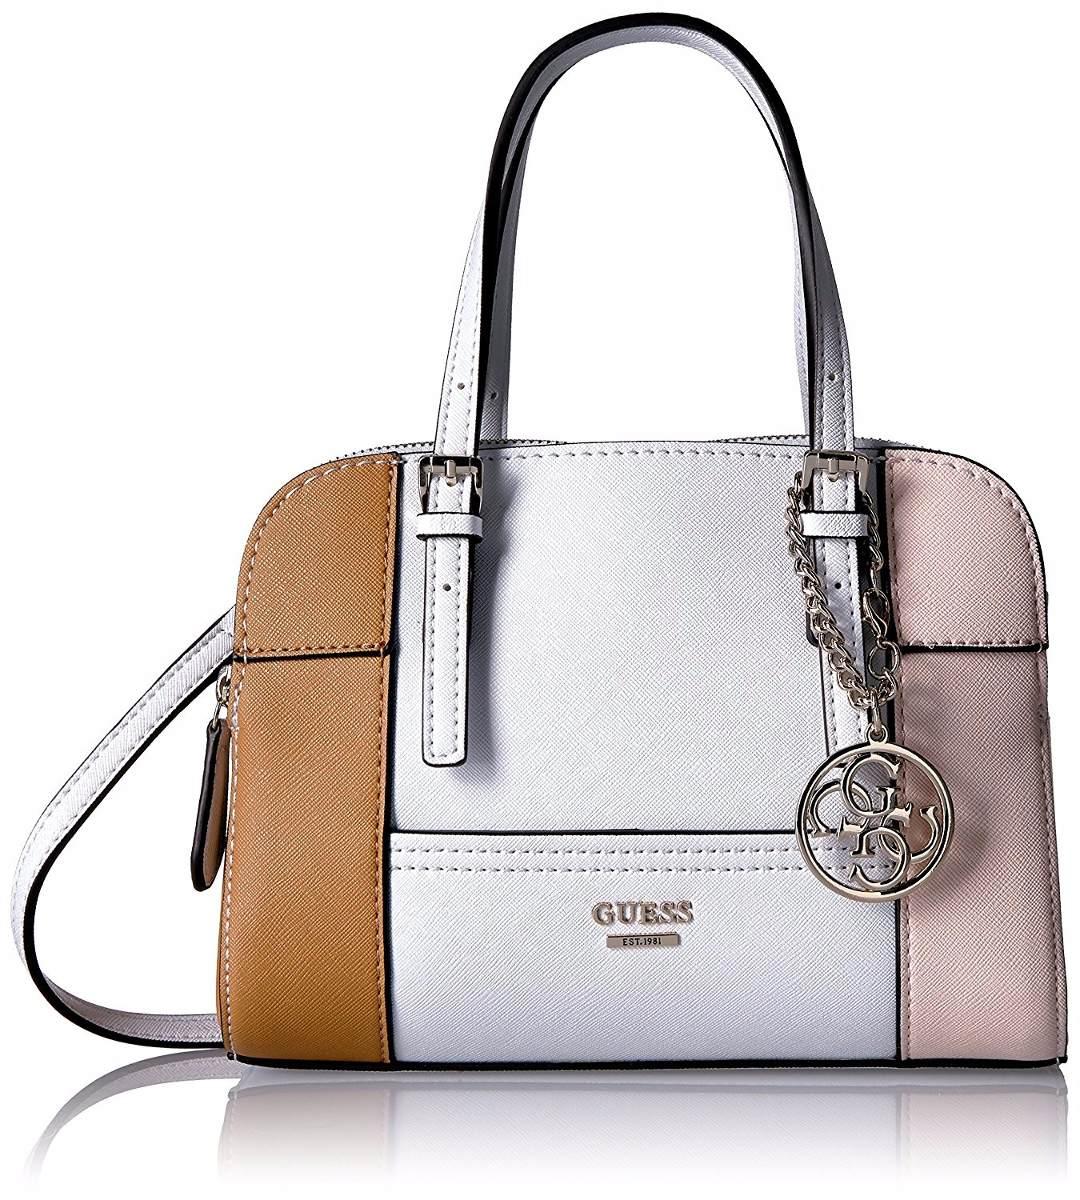 91c2a9cb91ec0 cartera elegante de mano y hombro marca guess bolso fashion. Cargando zoom.